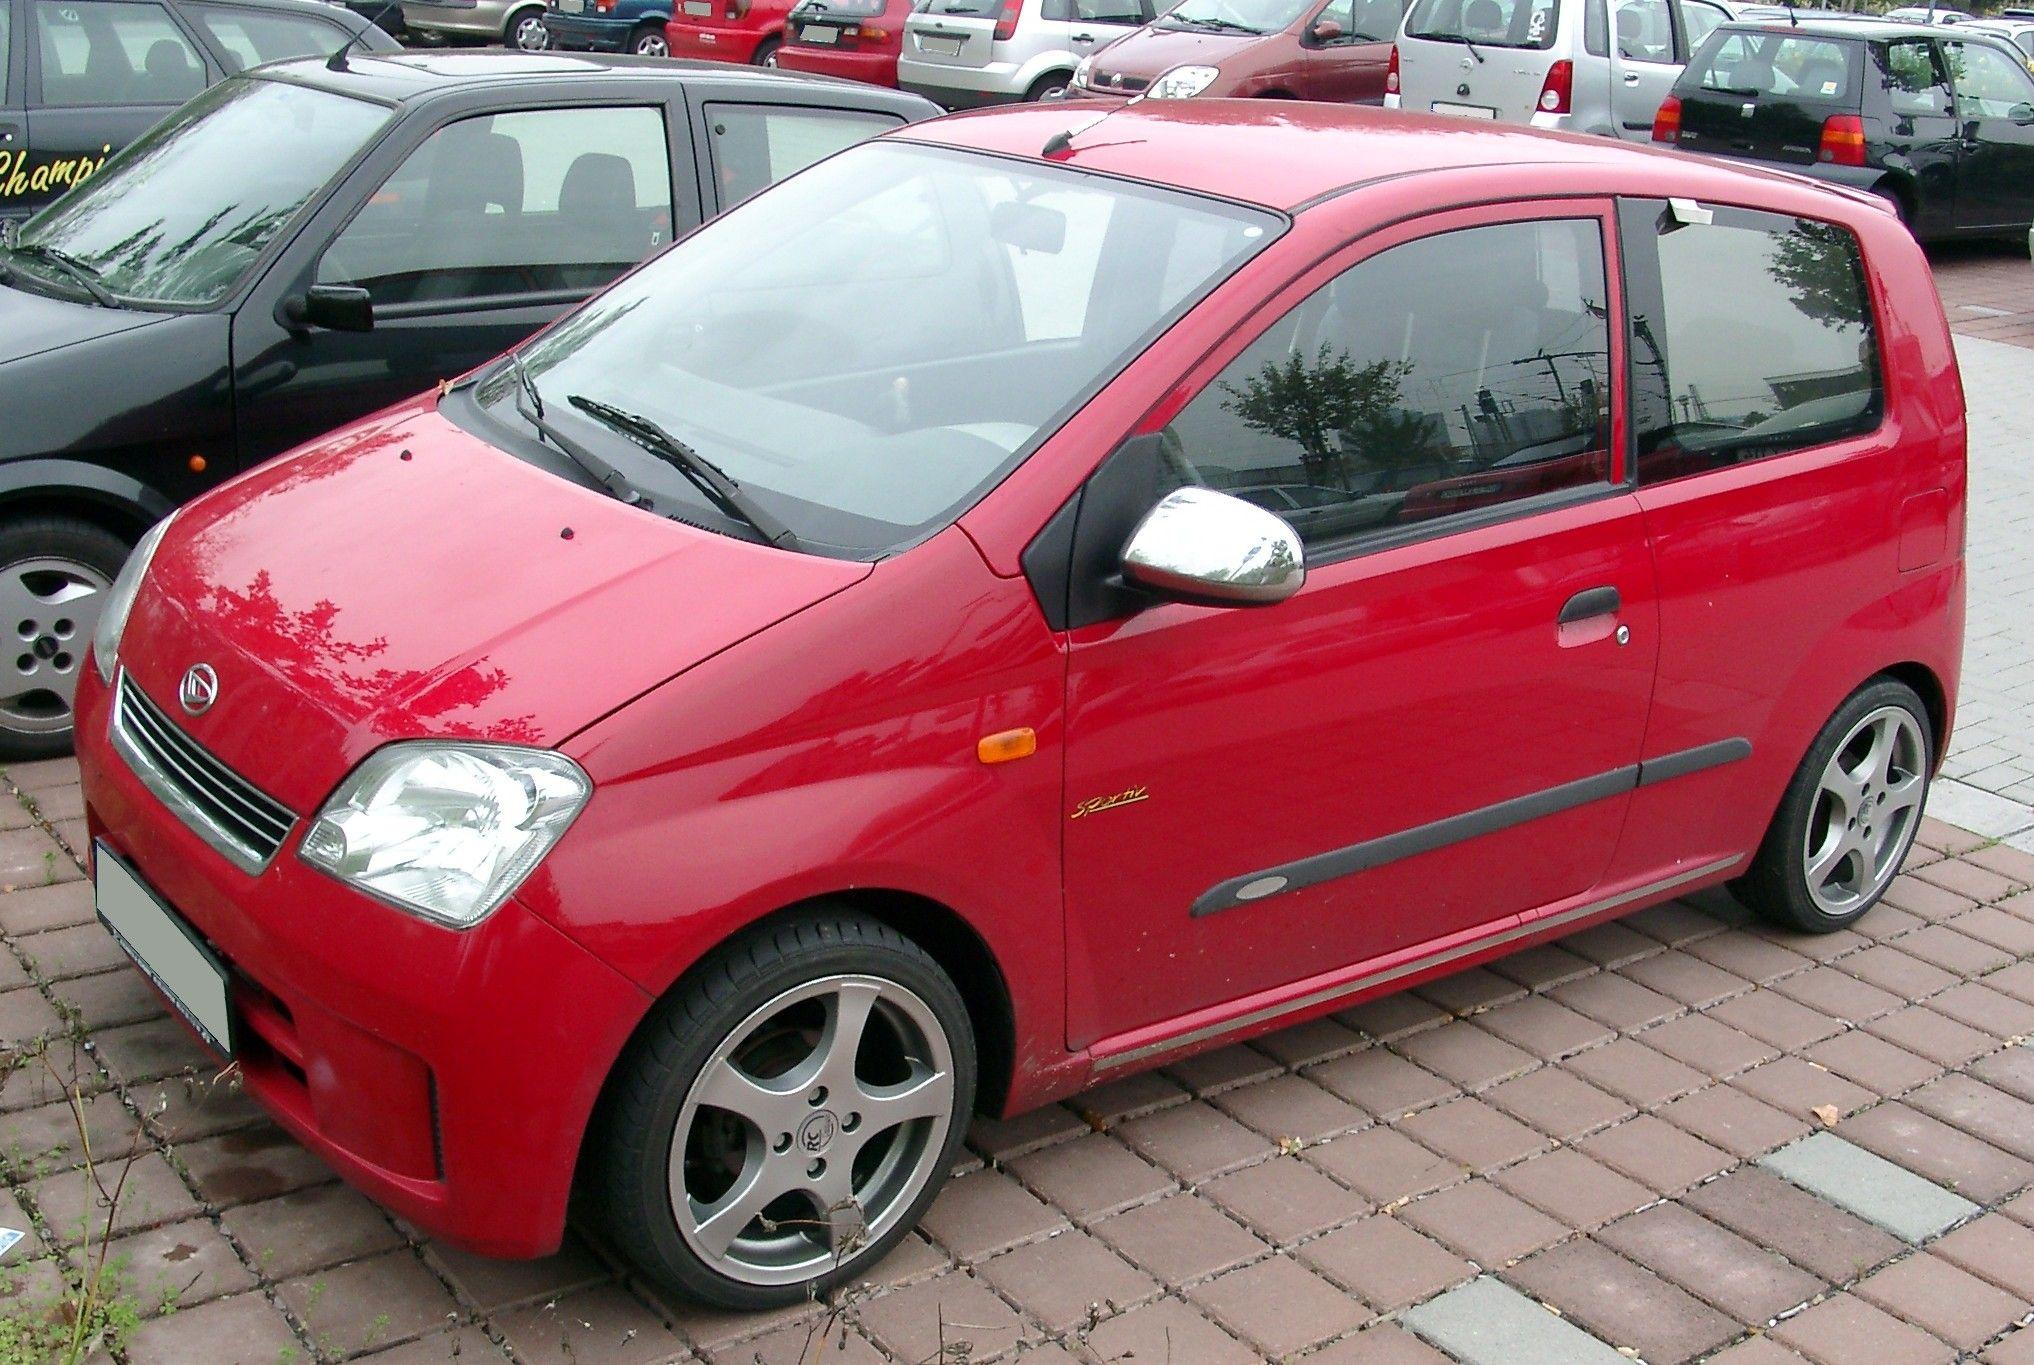 Daihatsu Cuore Photos News Reviews Specs Car Listings Daihatsu Car Jdm Cars